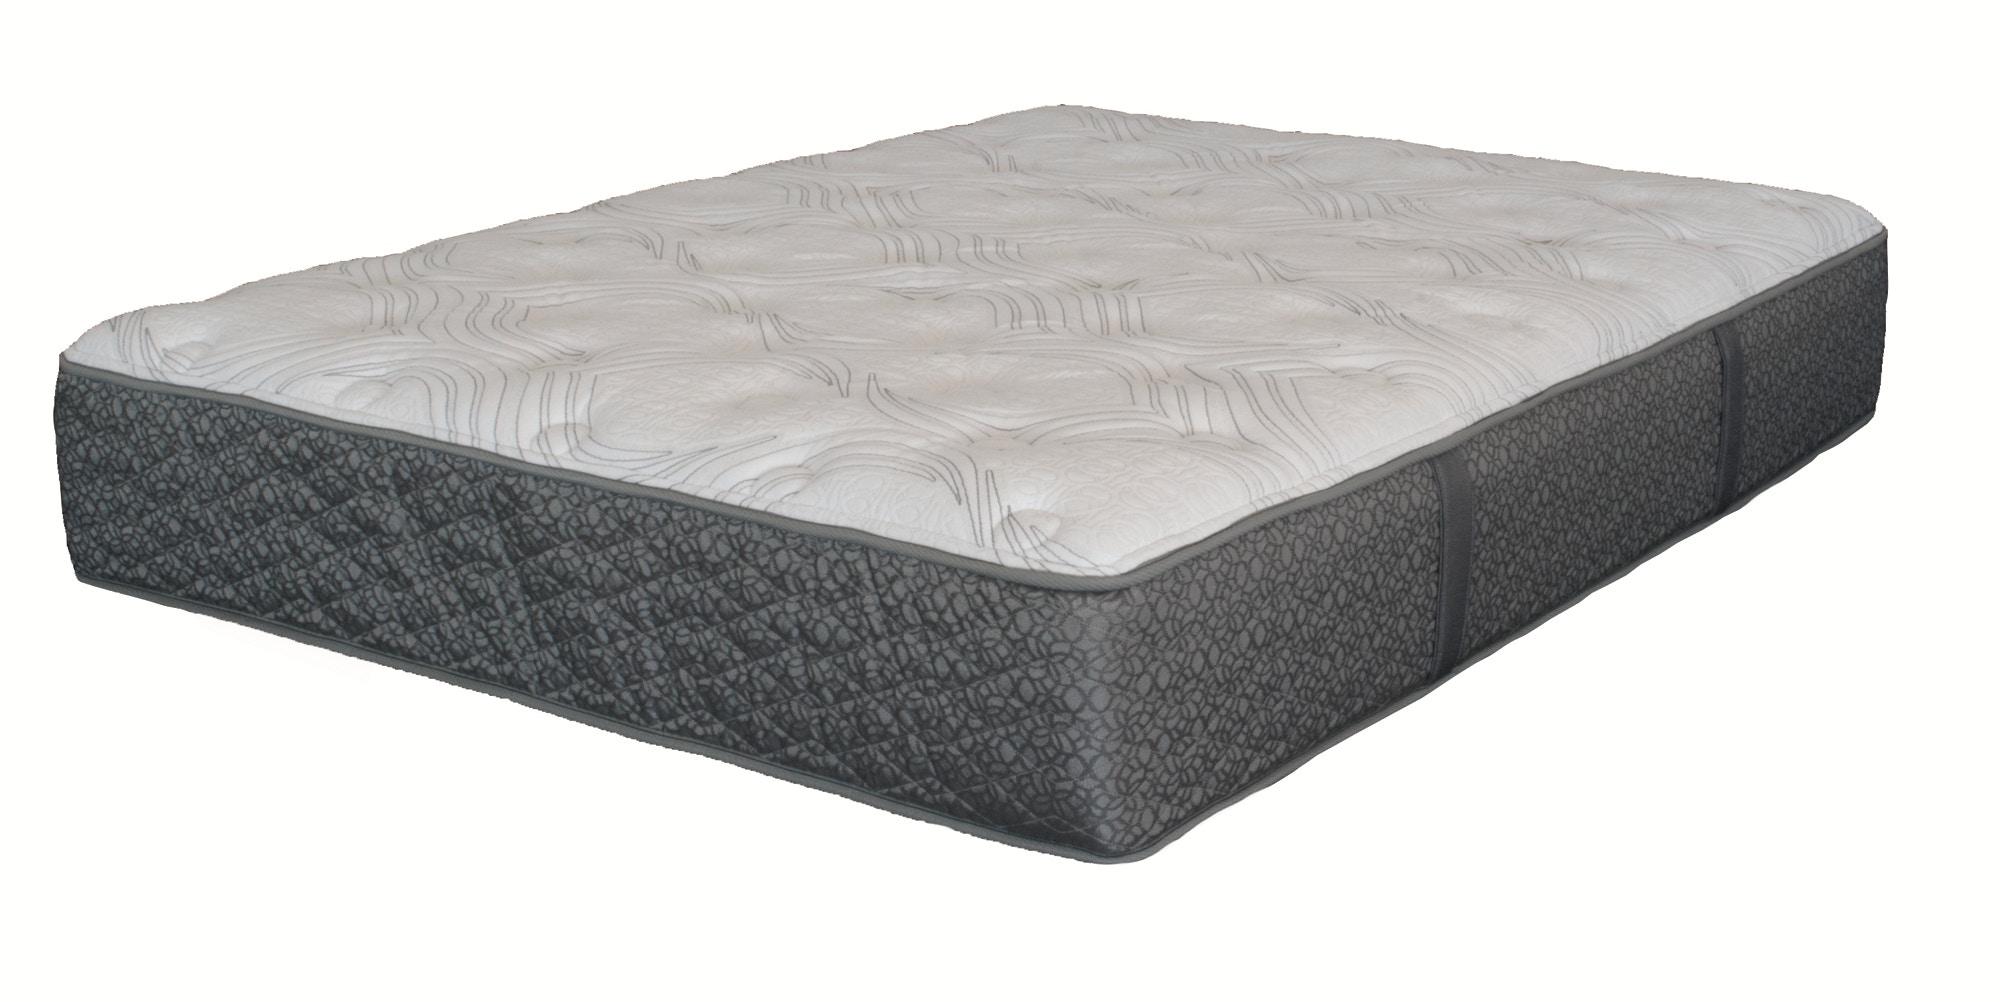 Sleep Number King Split Top Bed Protectors